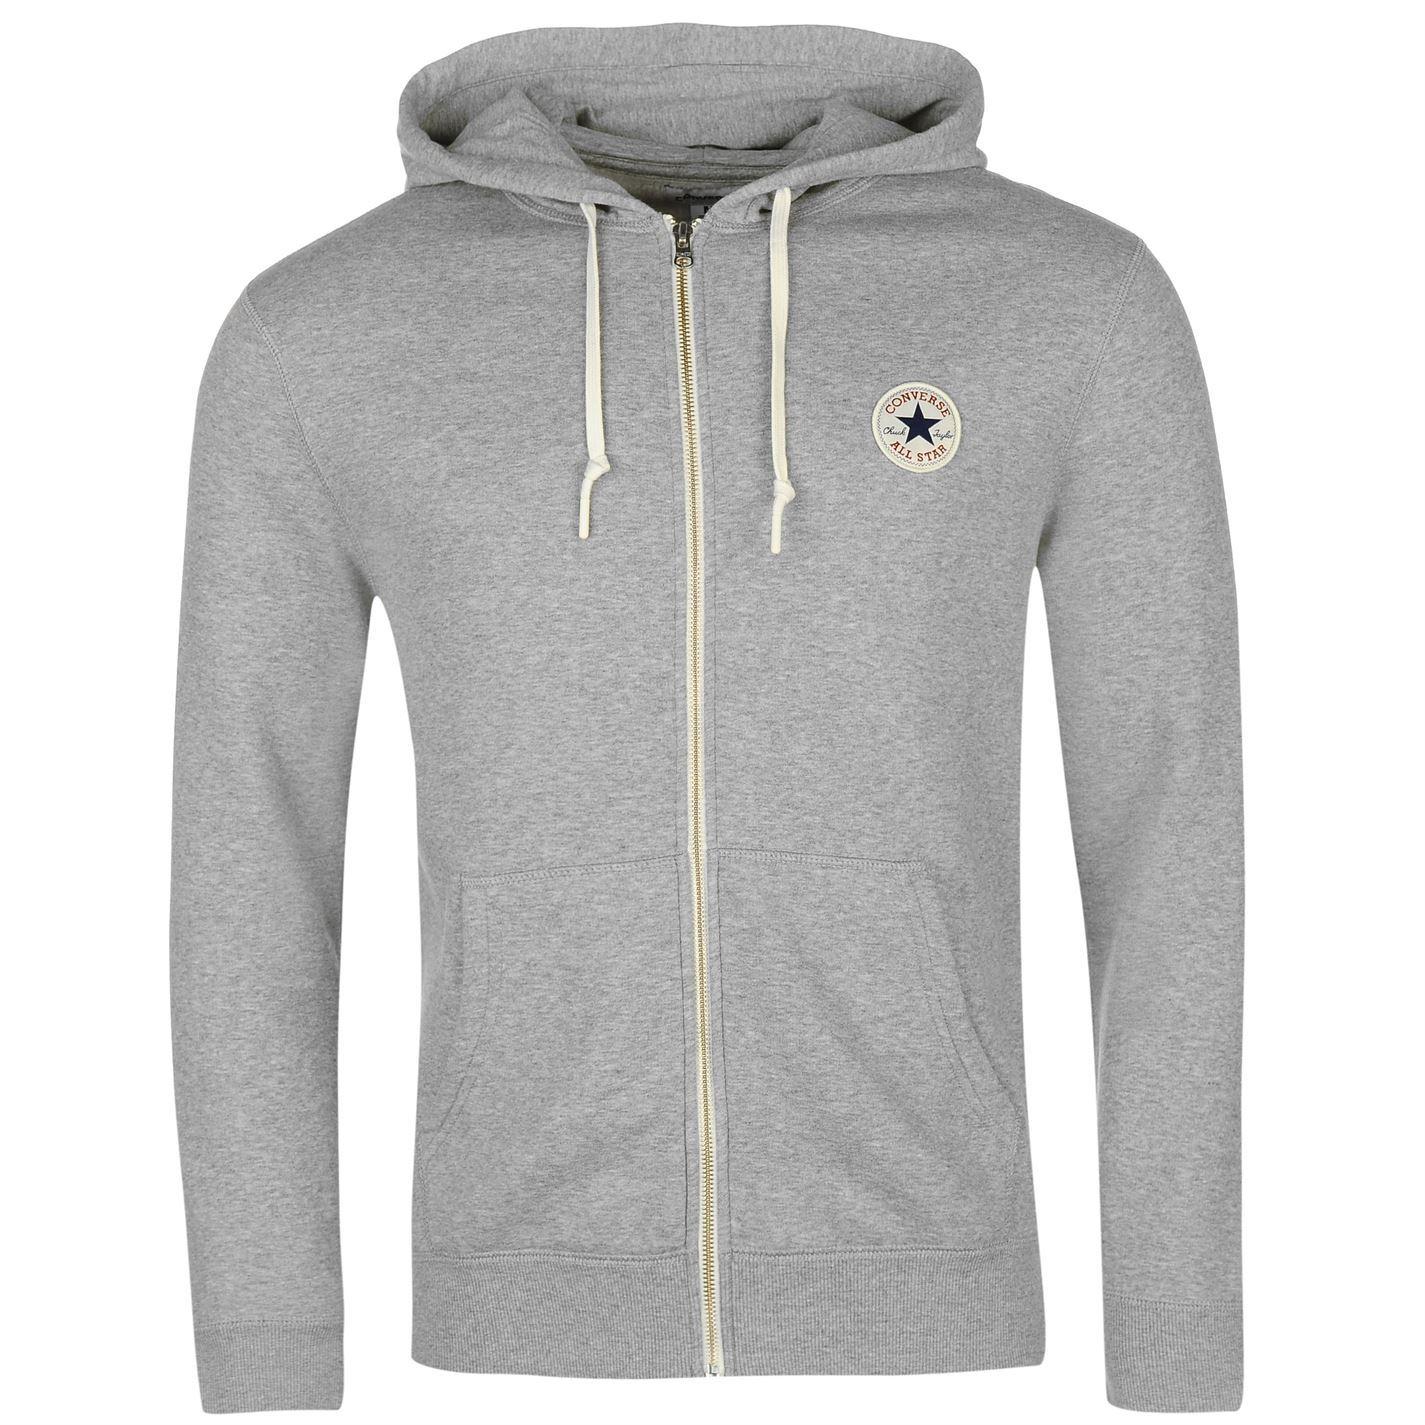 thumbnail 17 - Converse Core Full Zip Hoody Jacket Mens Hoodie Sweatshirt Sweater Hooded Top